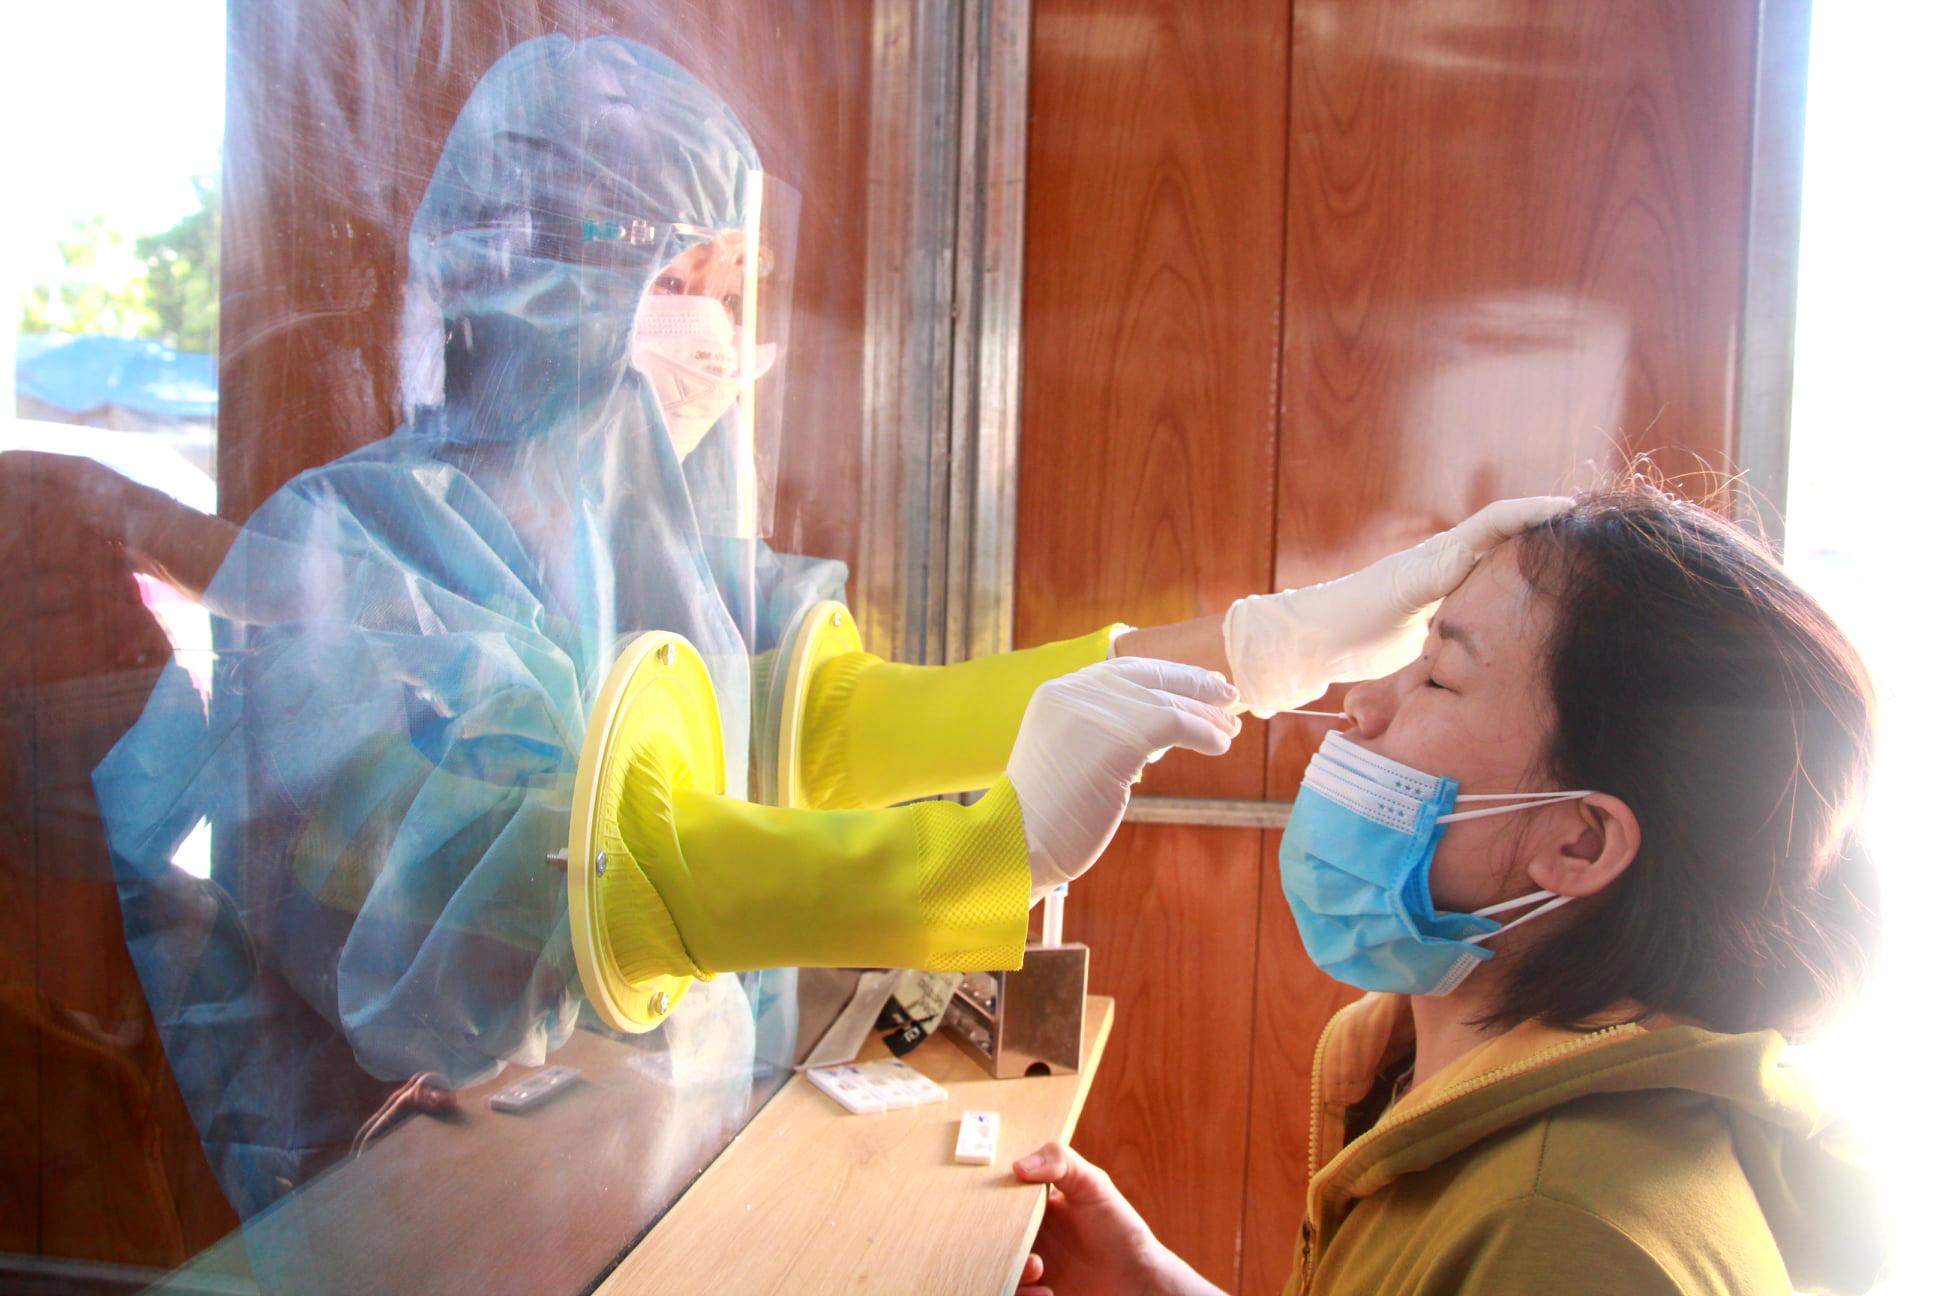 Nghệ AN ghi nhận 20 trường hợp dương tính với SARS-CoV-2